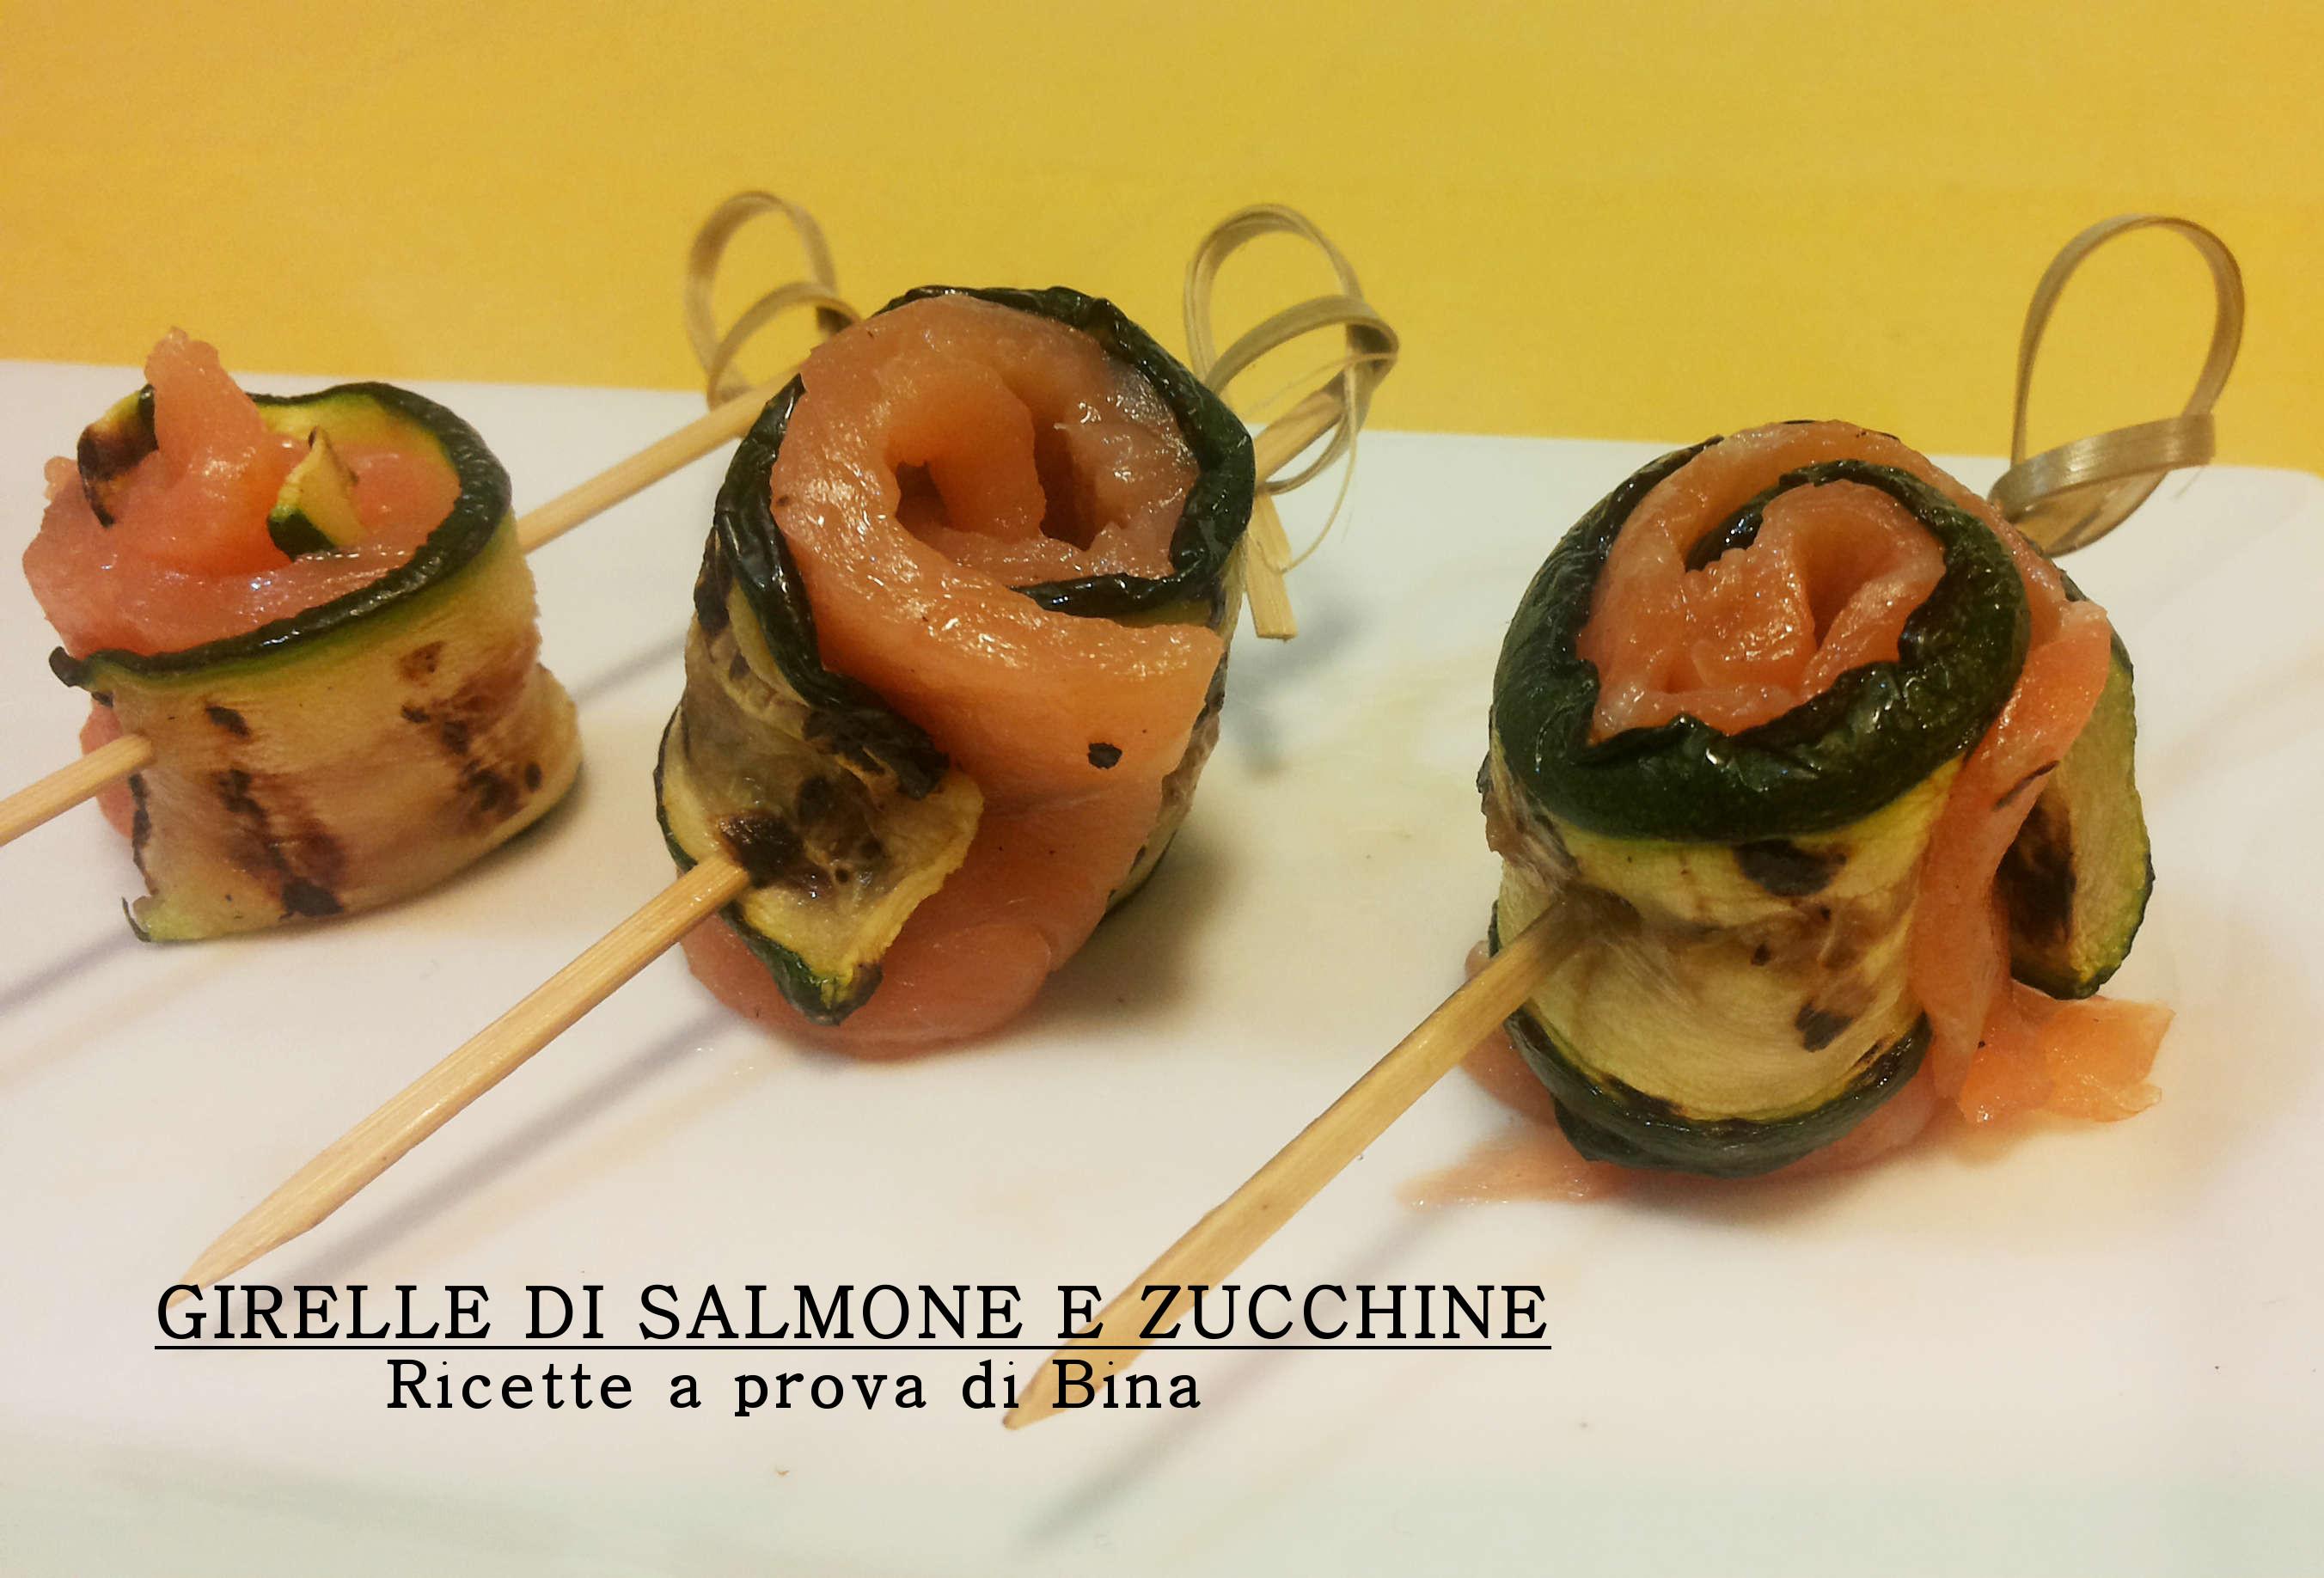 Girelle di salmone e zucchine ricette a prova di bina for Salmone ricette